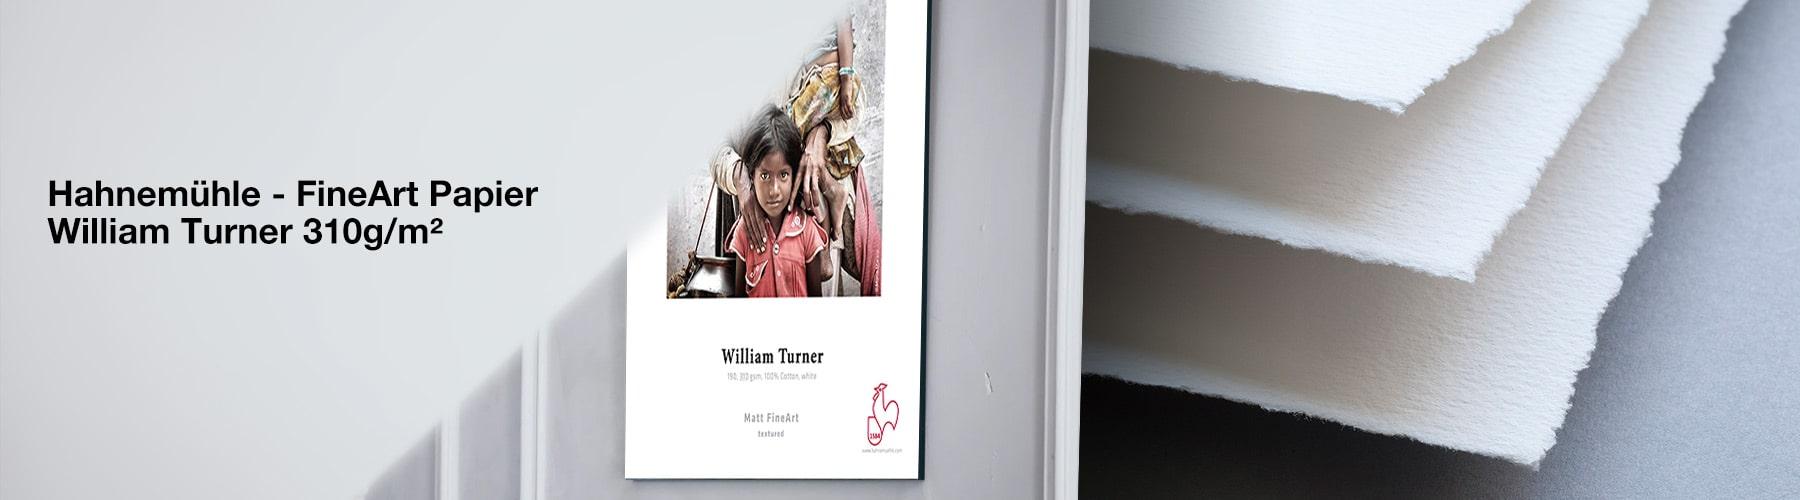 Hahnemühle Fine Art Papier - William Turner 310 g/m²